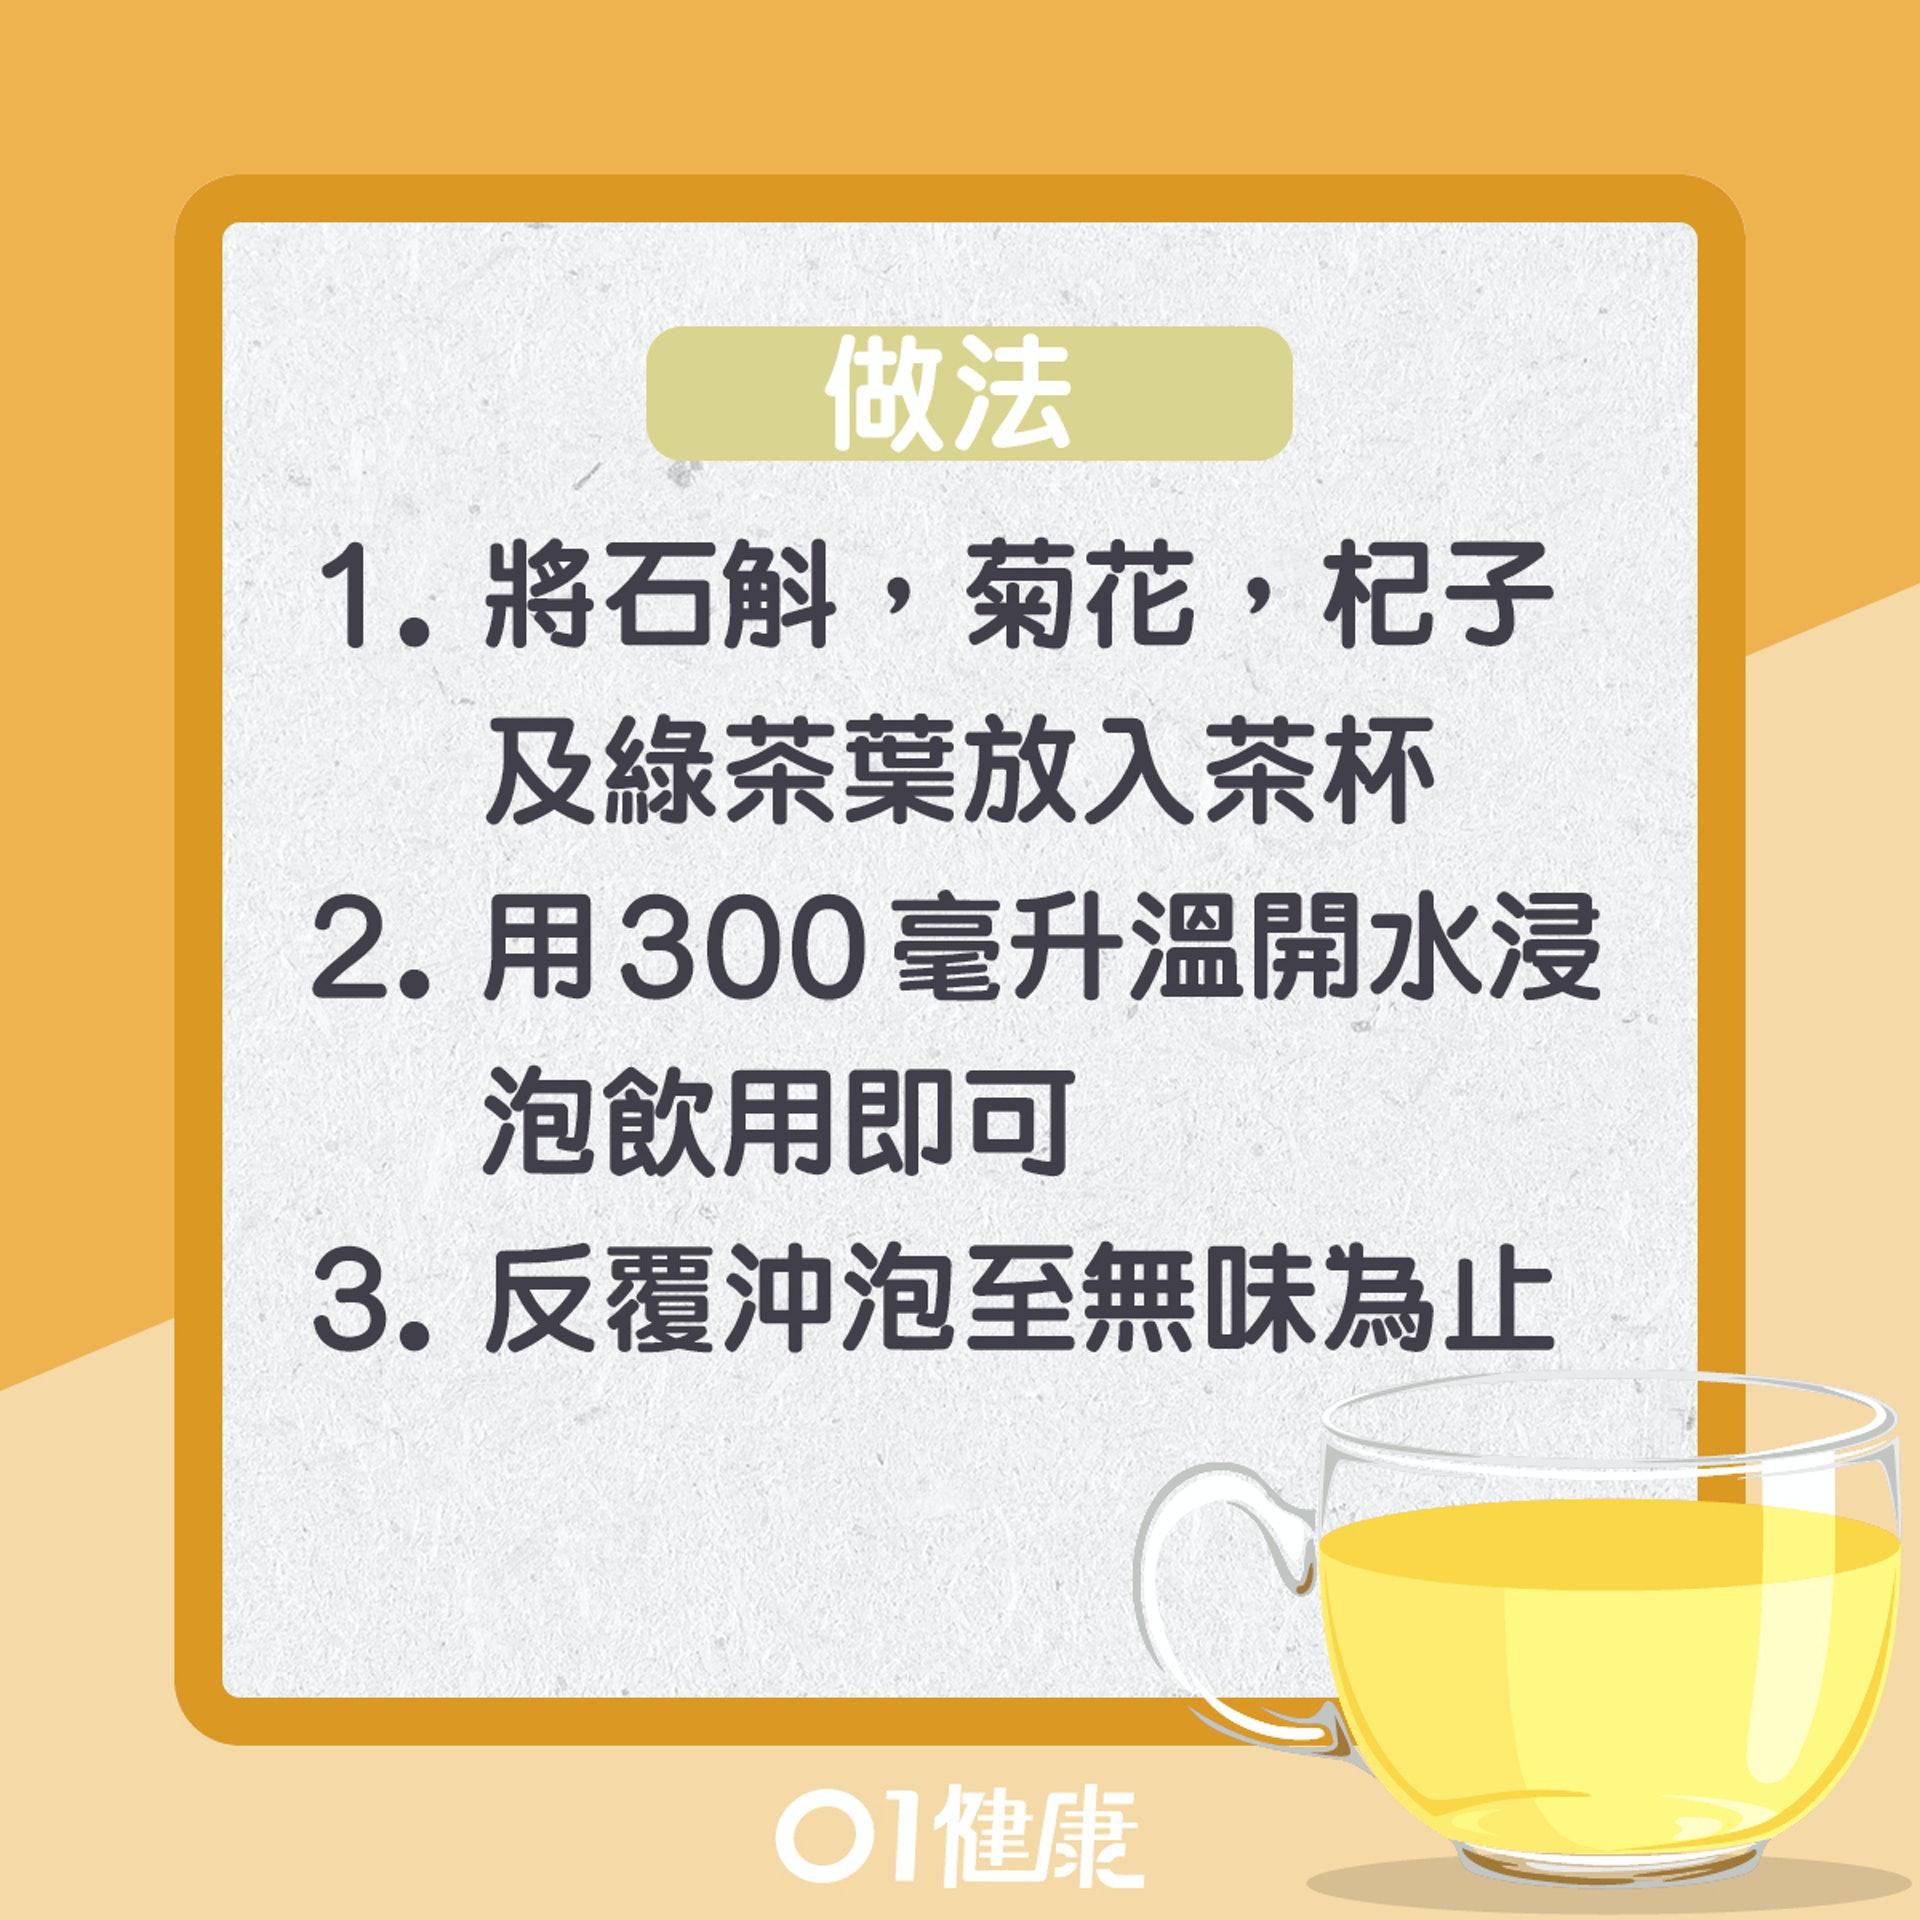 石斛杞子菊花茶(01製圖)